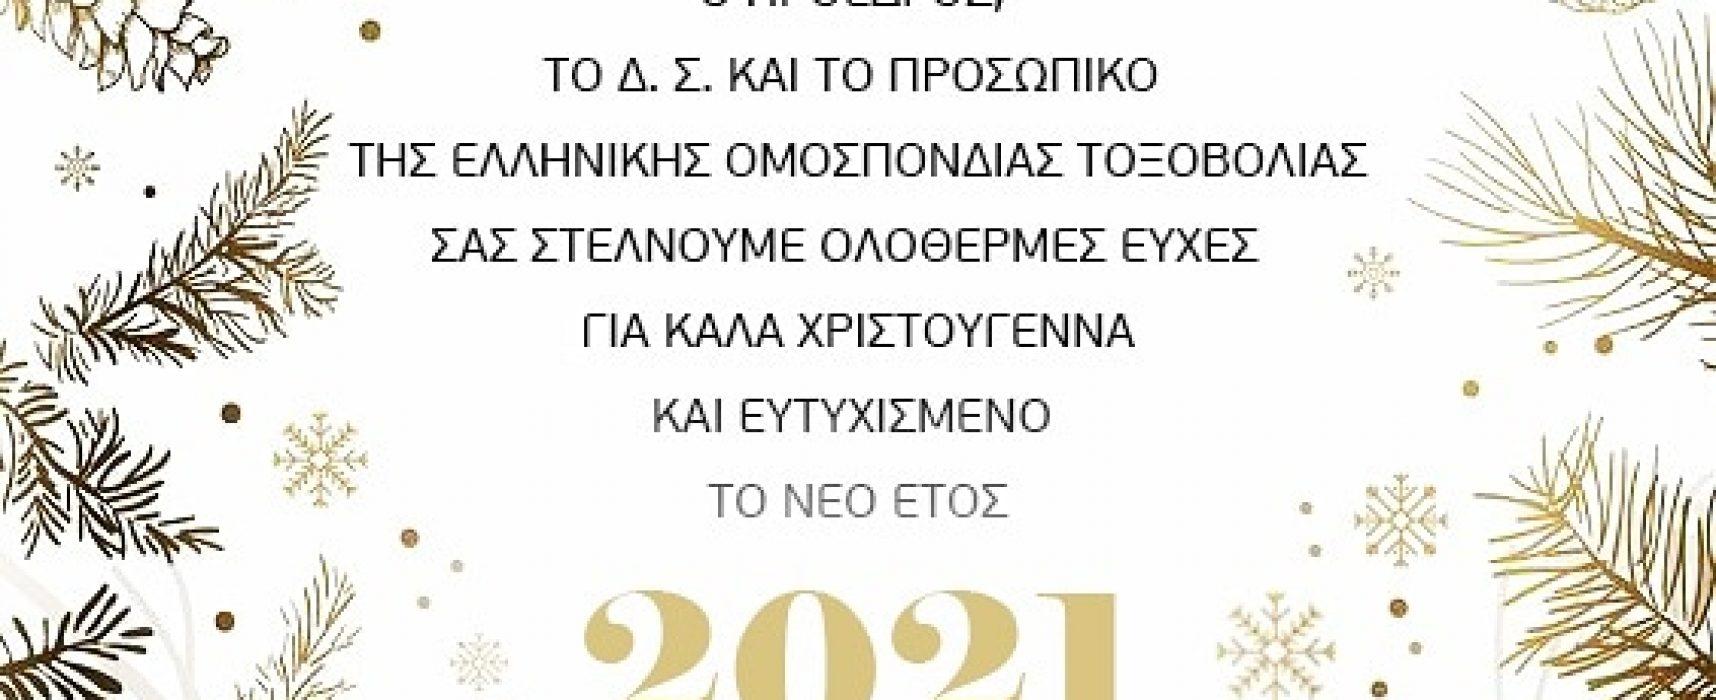 Oι ευχές της Ελληνικής Ομοσπονδίας Τοξοβολίας